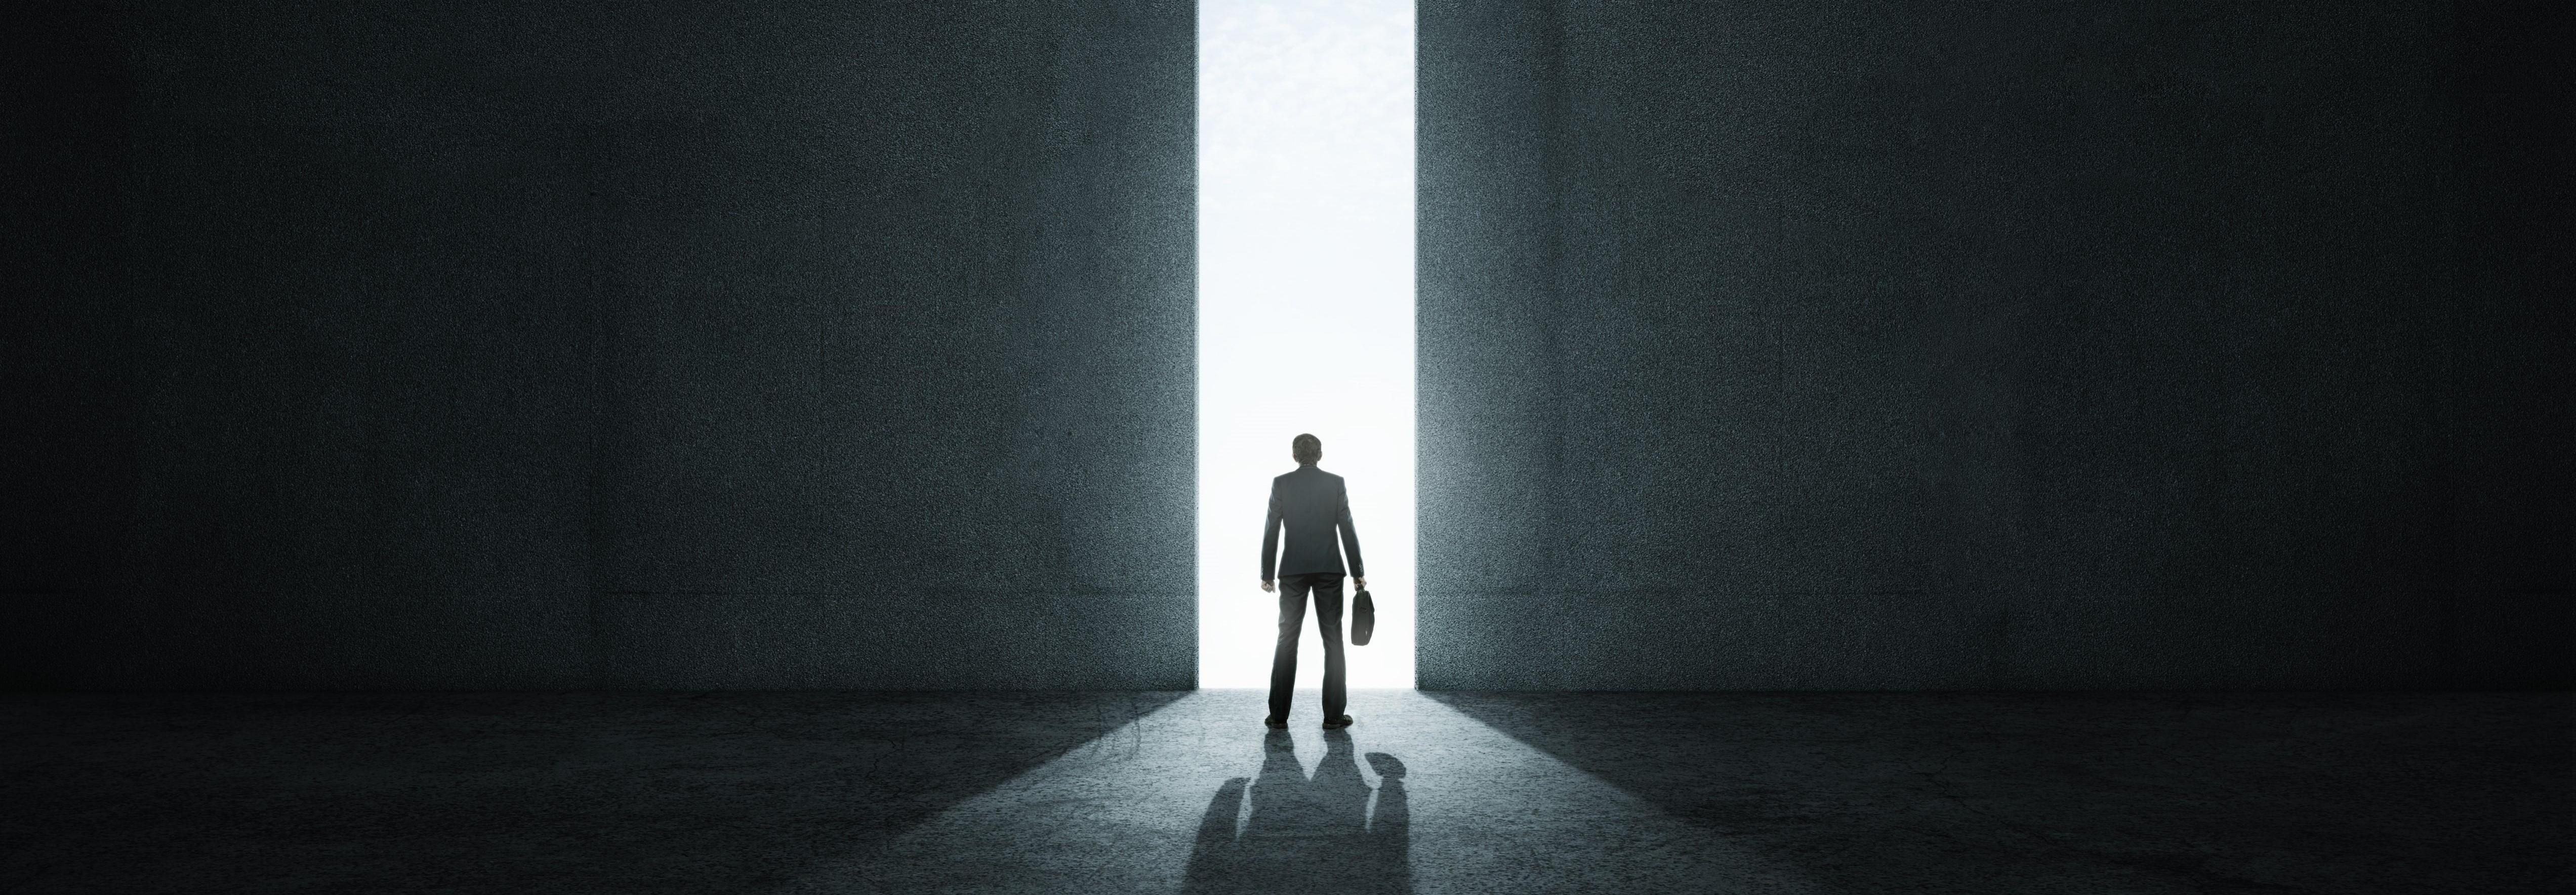 Digital Transformation-Utopia Website-952204-edited.jpg